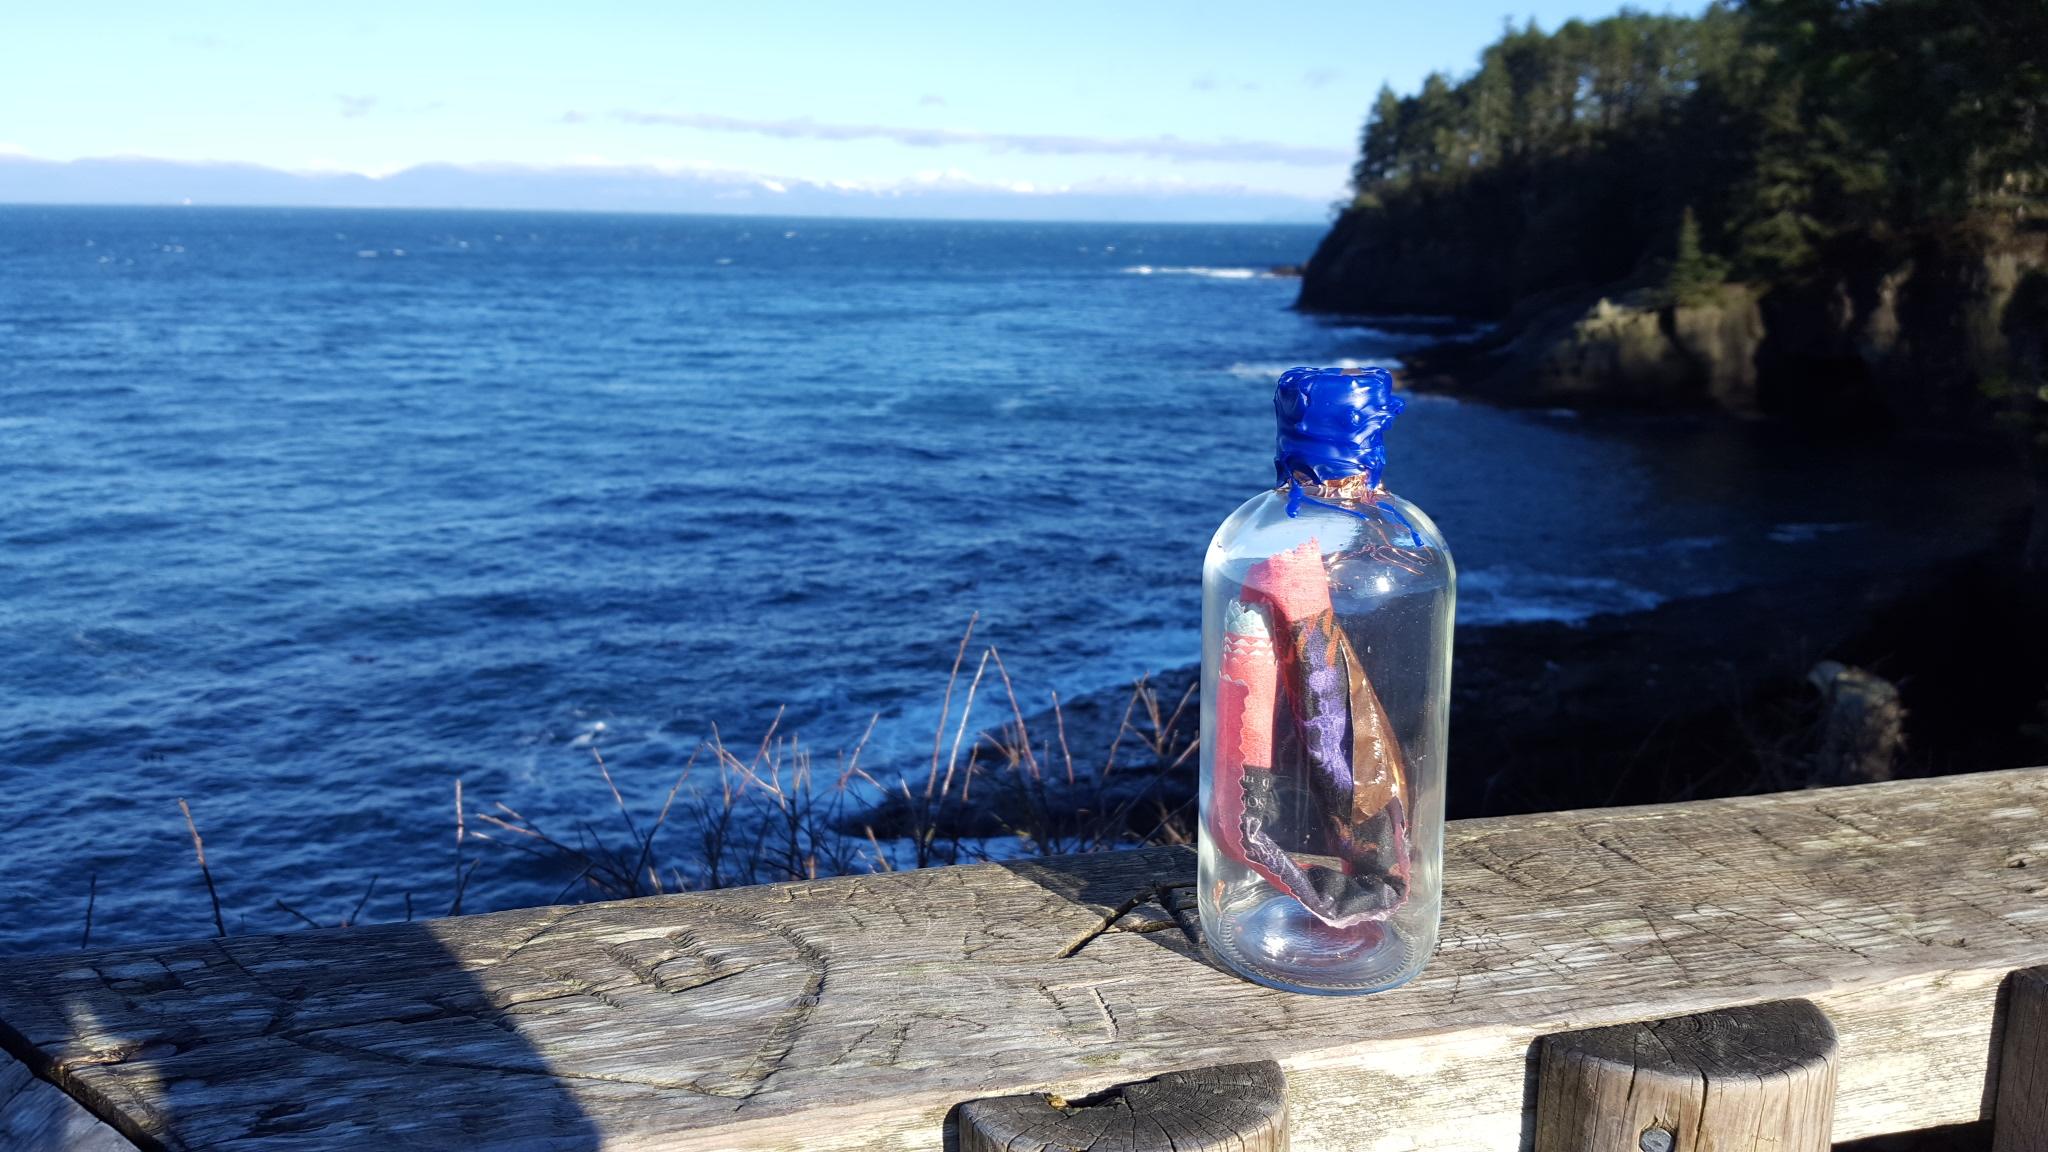 Bottle2CanadaOnHorizon-20161213_CapeFlatteryWA